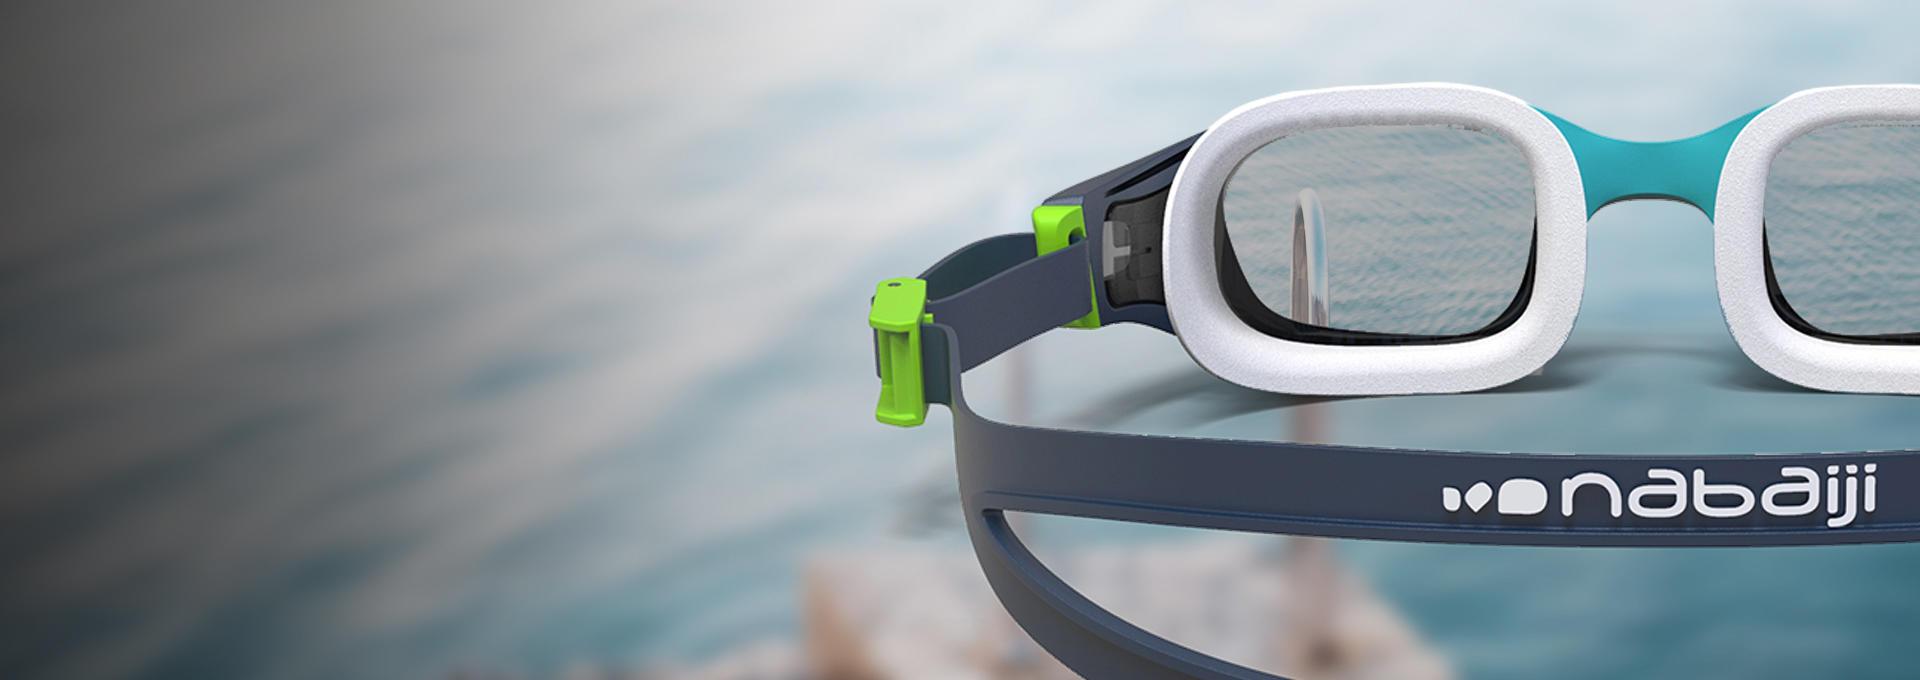 decathlon-optique-lunettes-natation-selfit